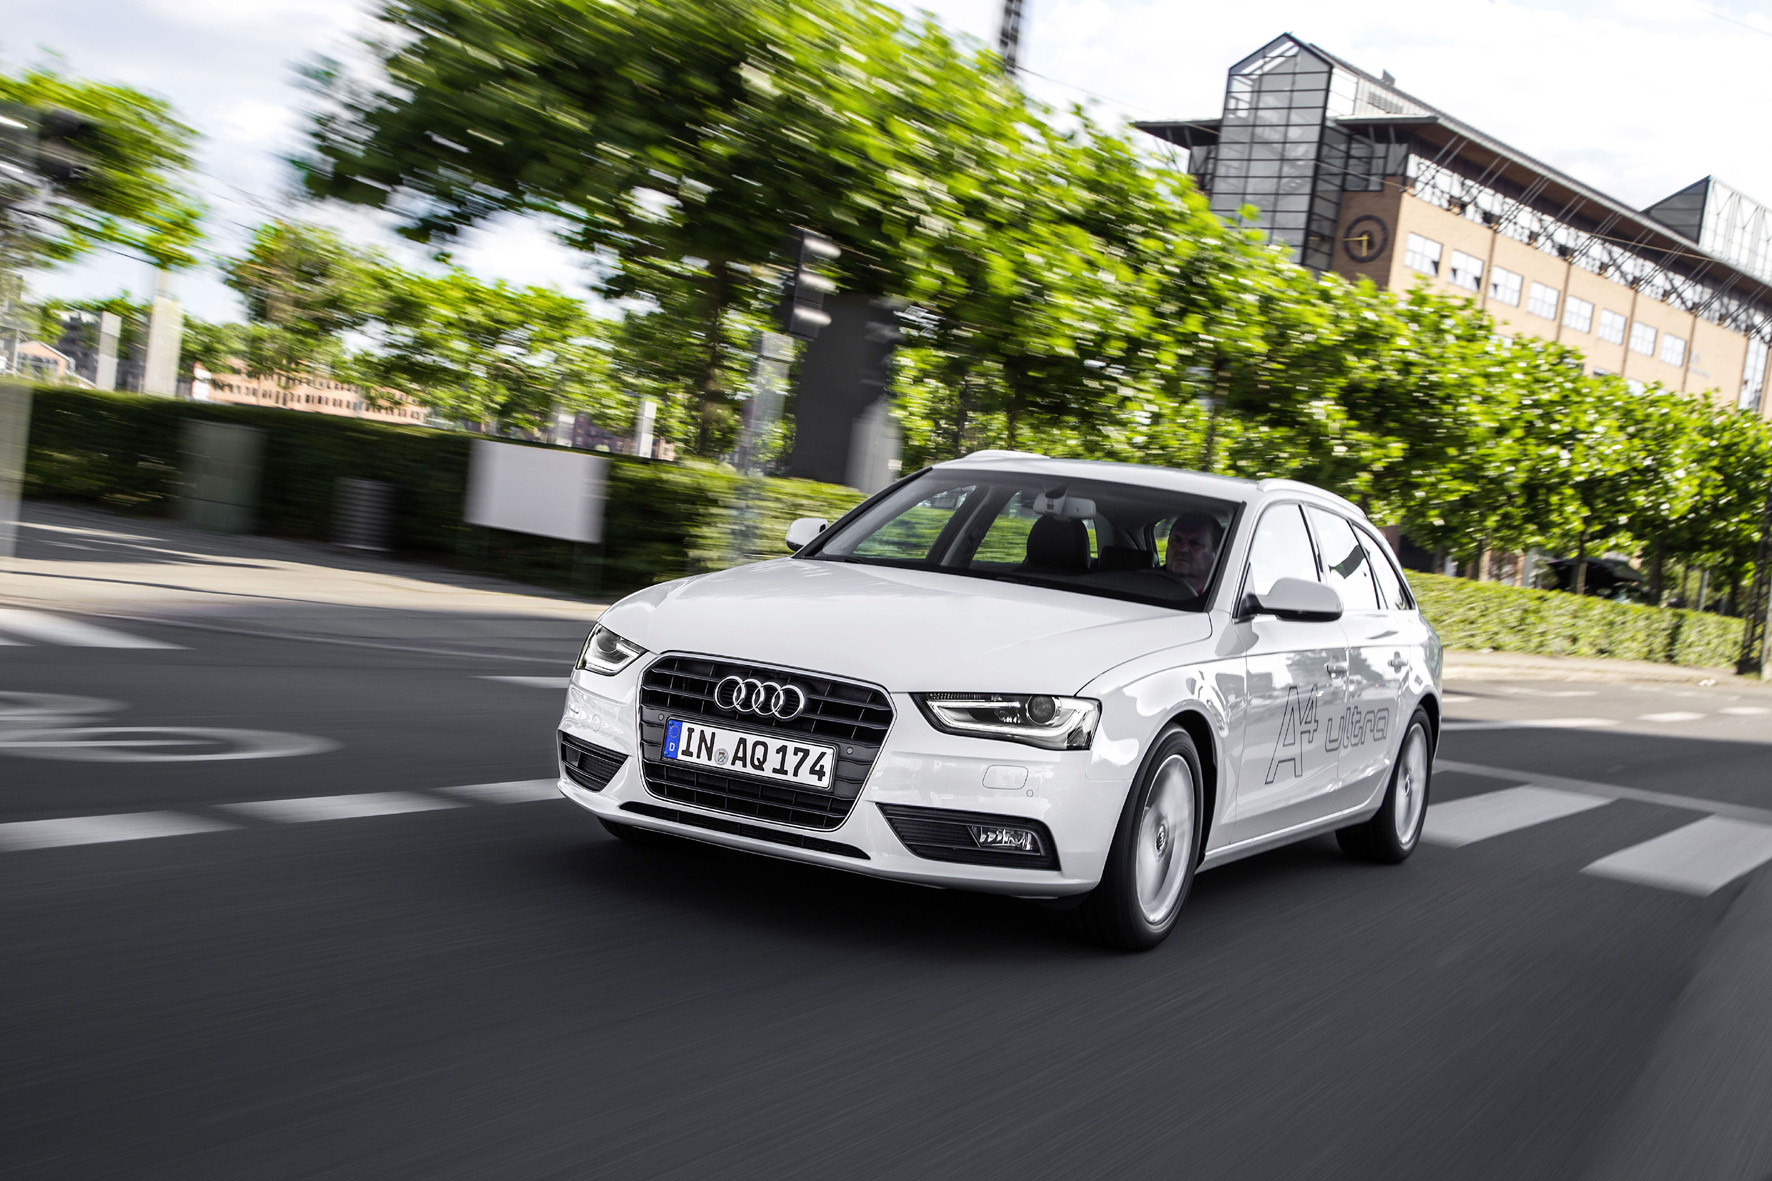 Sprachsteuerung im Auto: Audi A 4 Avant Testsieger